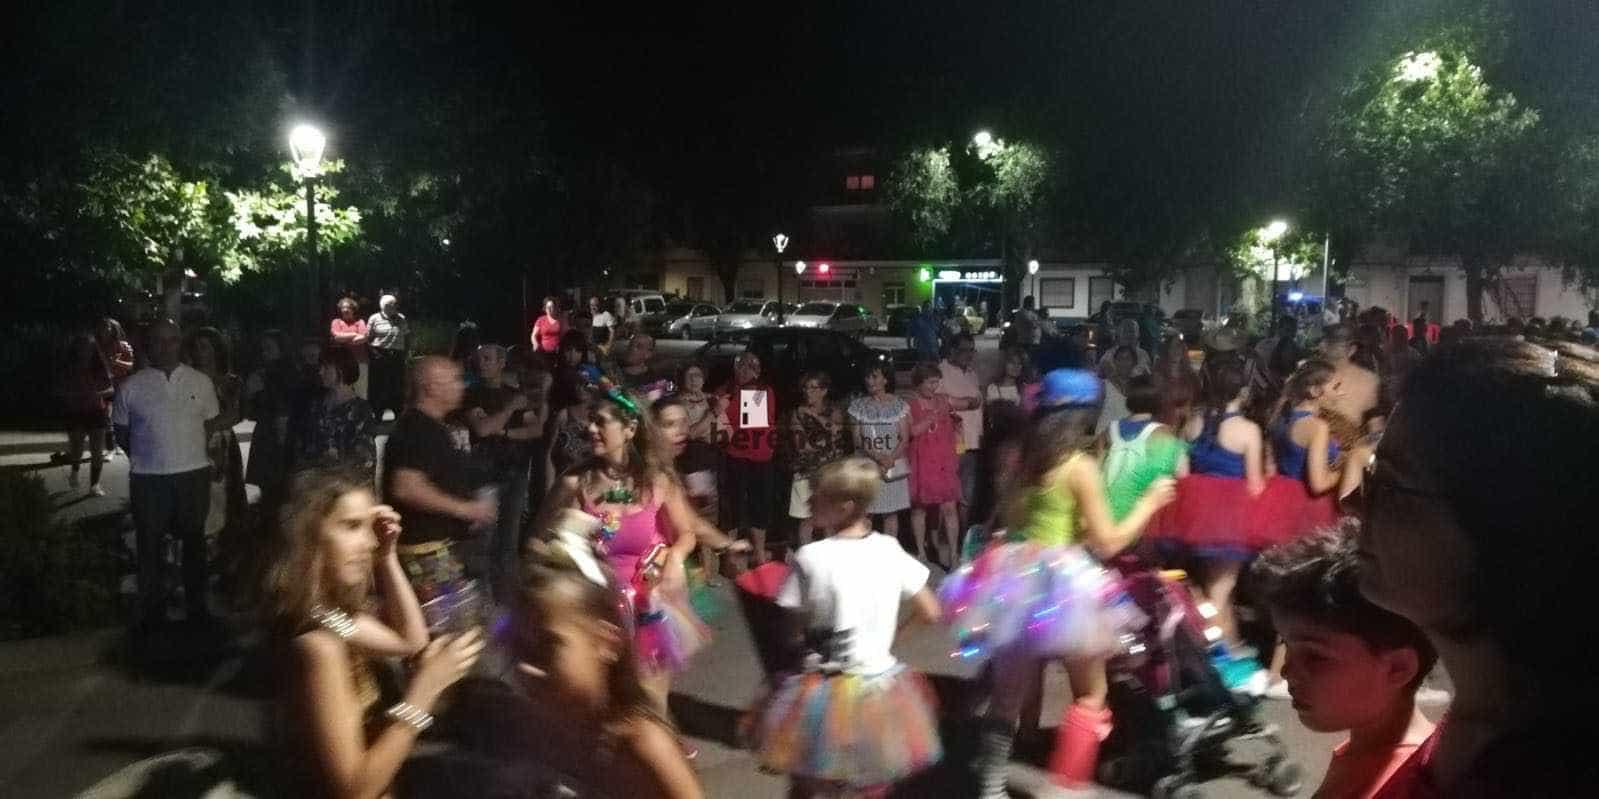 Carnaval de herencia 2019 galeria 44 - Galería de fotografías del Carnaval de Verano 2019